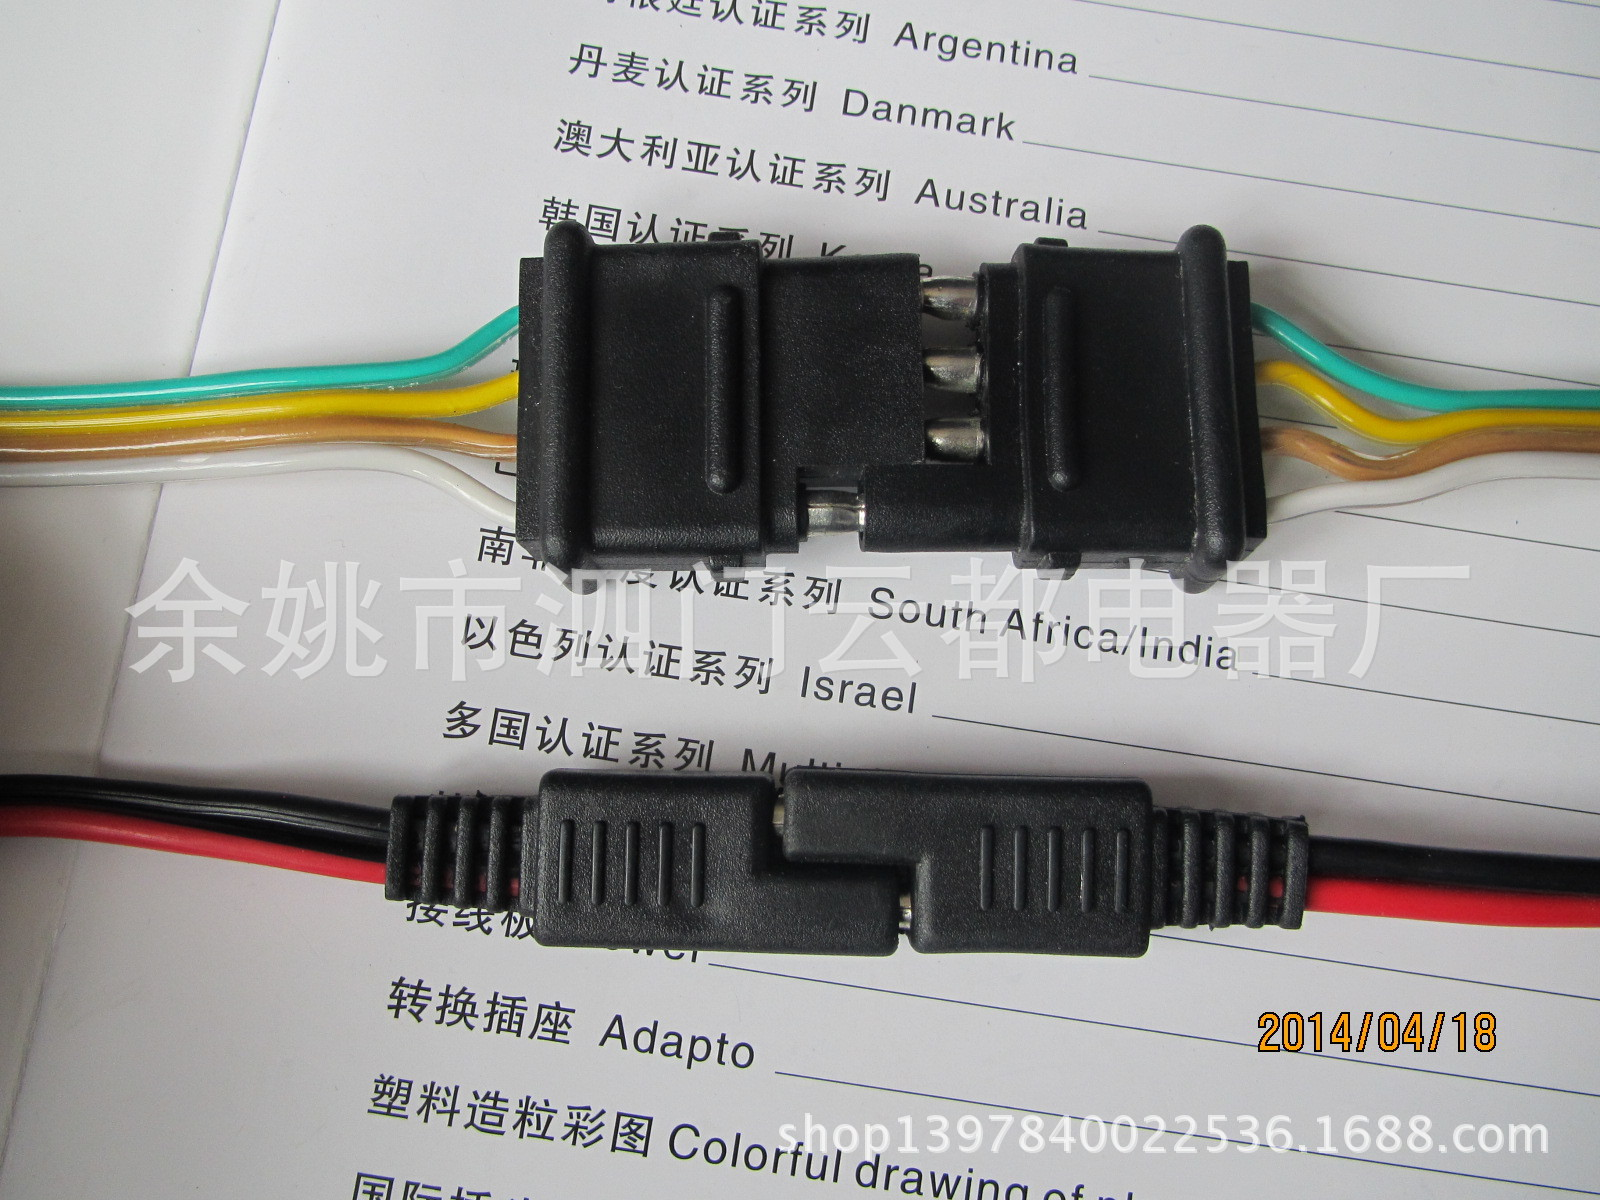 供应连接线束/摩托车线束 /线束加工/汽车连接器/插头